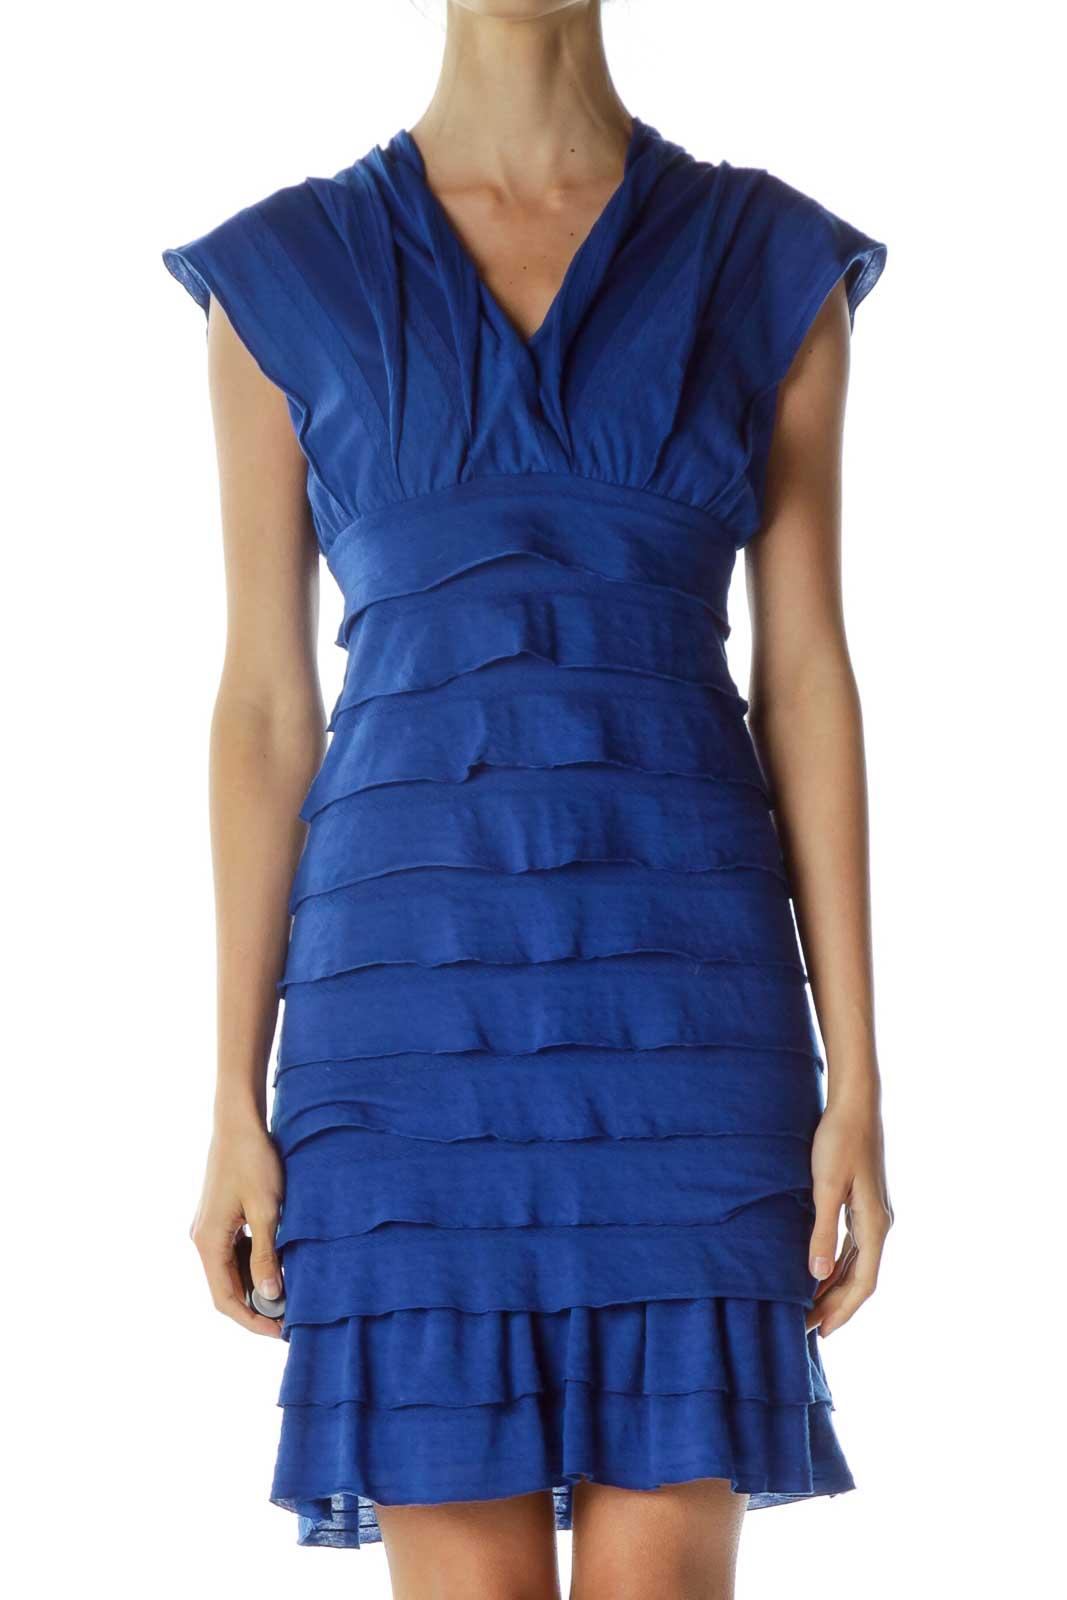 Blue V-neck Ruffled Dress